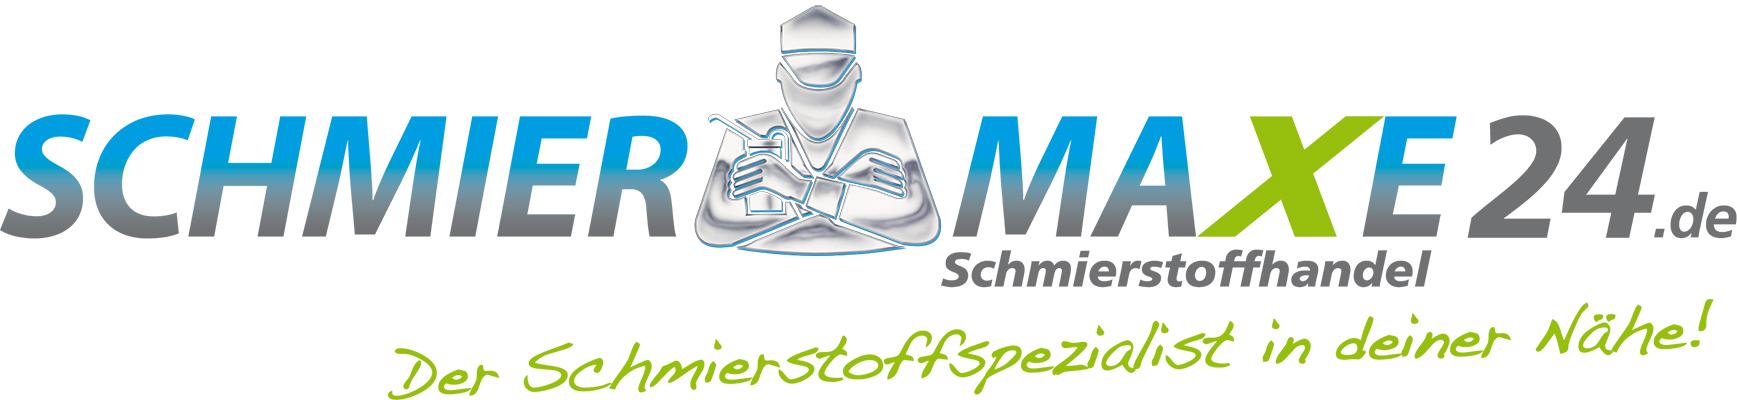 Schmiermaxe24.de-Logo